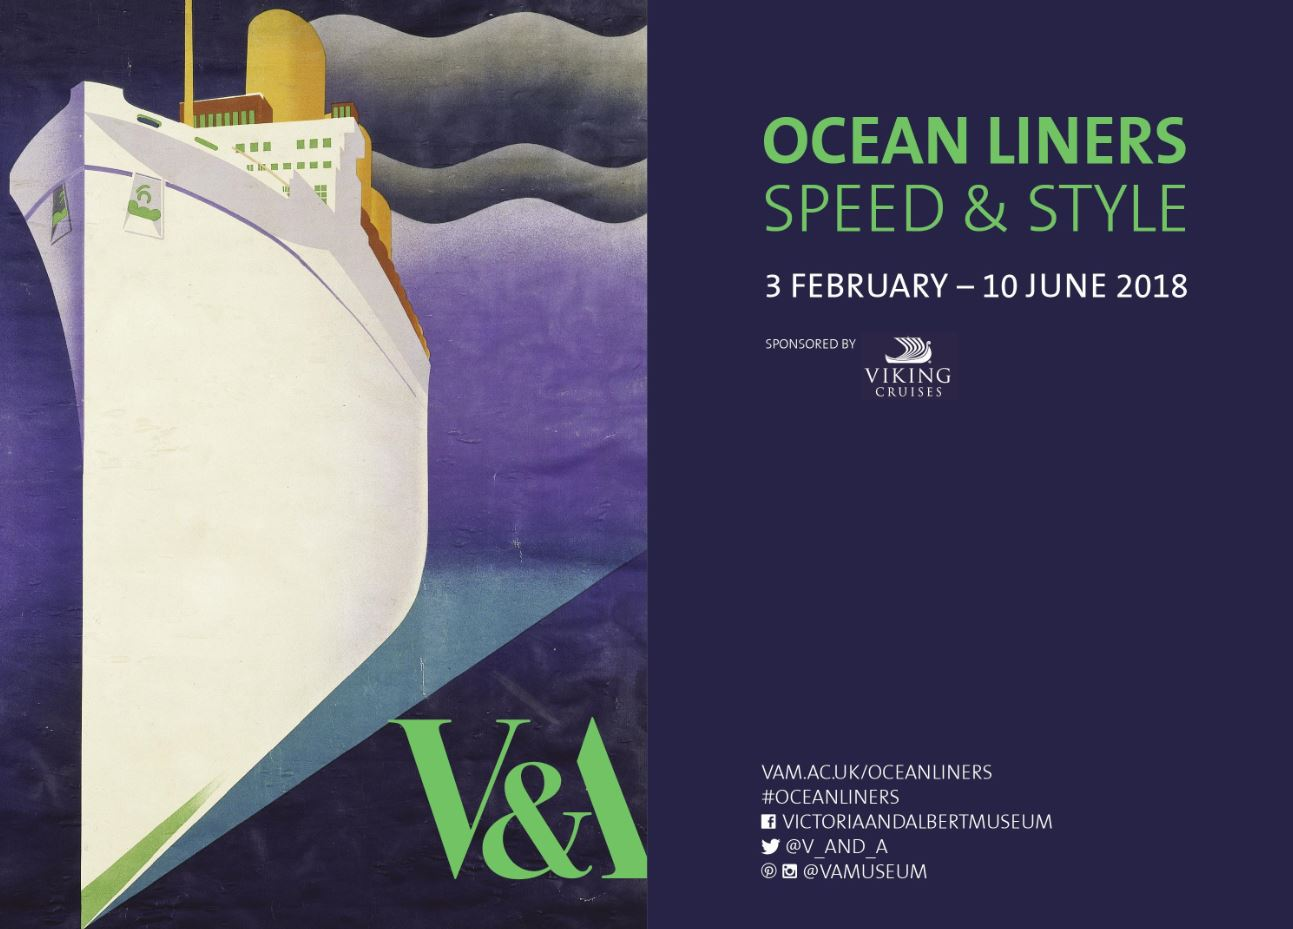 V&A Ocean Liners